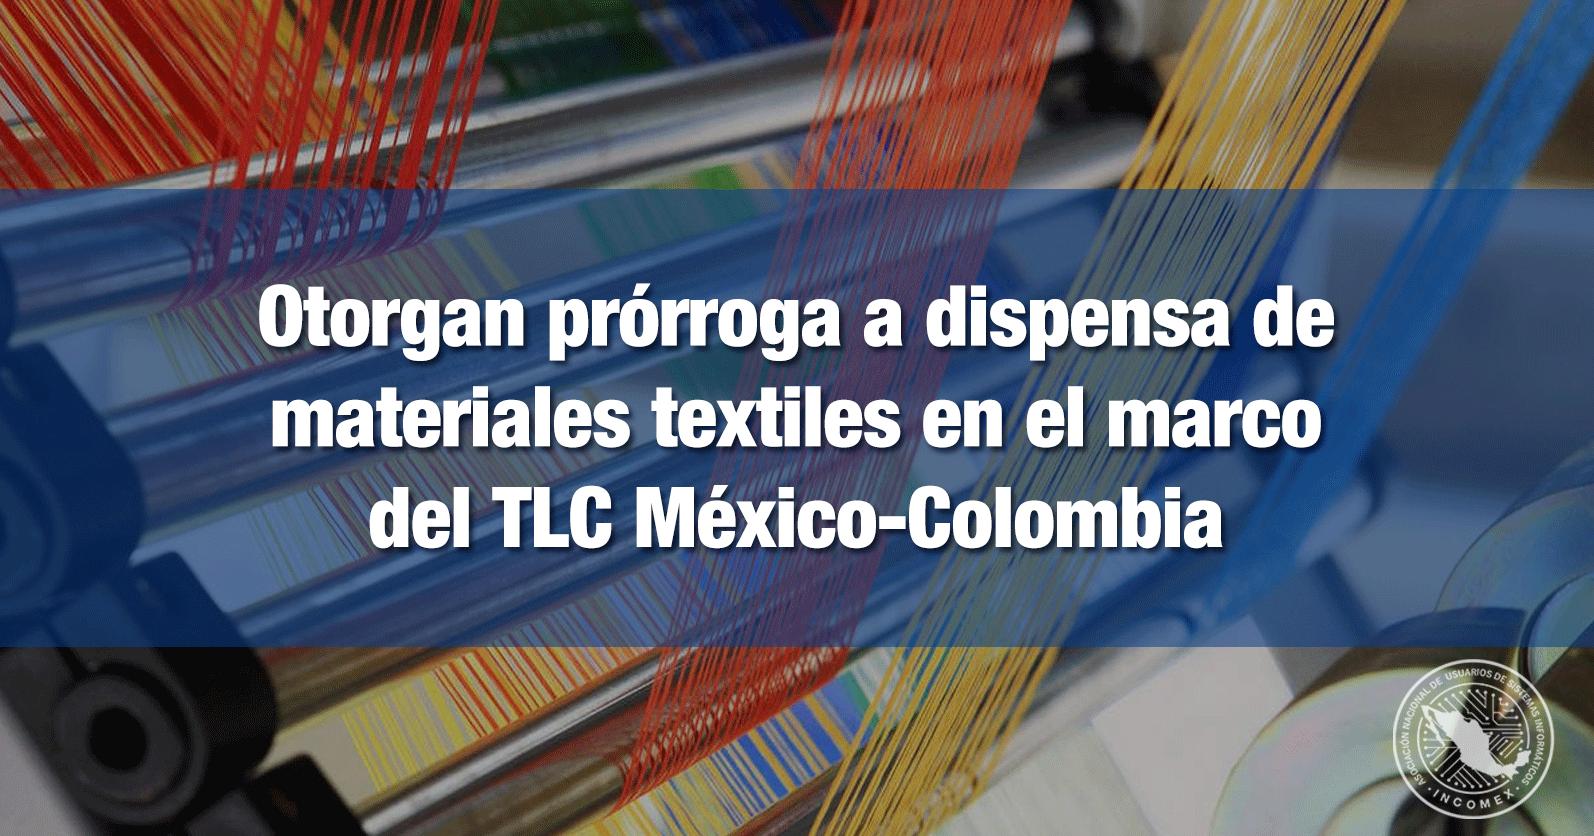 Otorgan prórroga a dispensa de materiales textiles en el marco del TLC México-Colombia